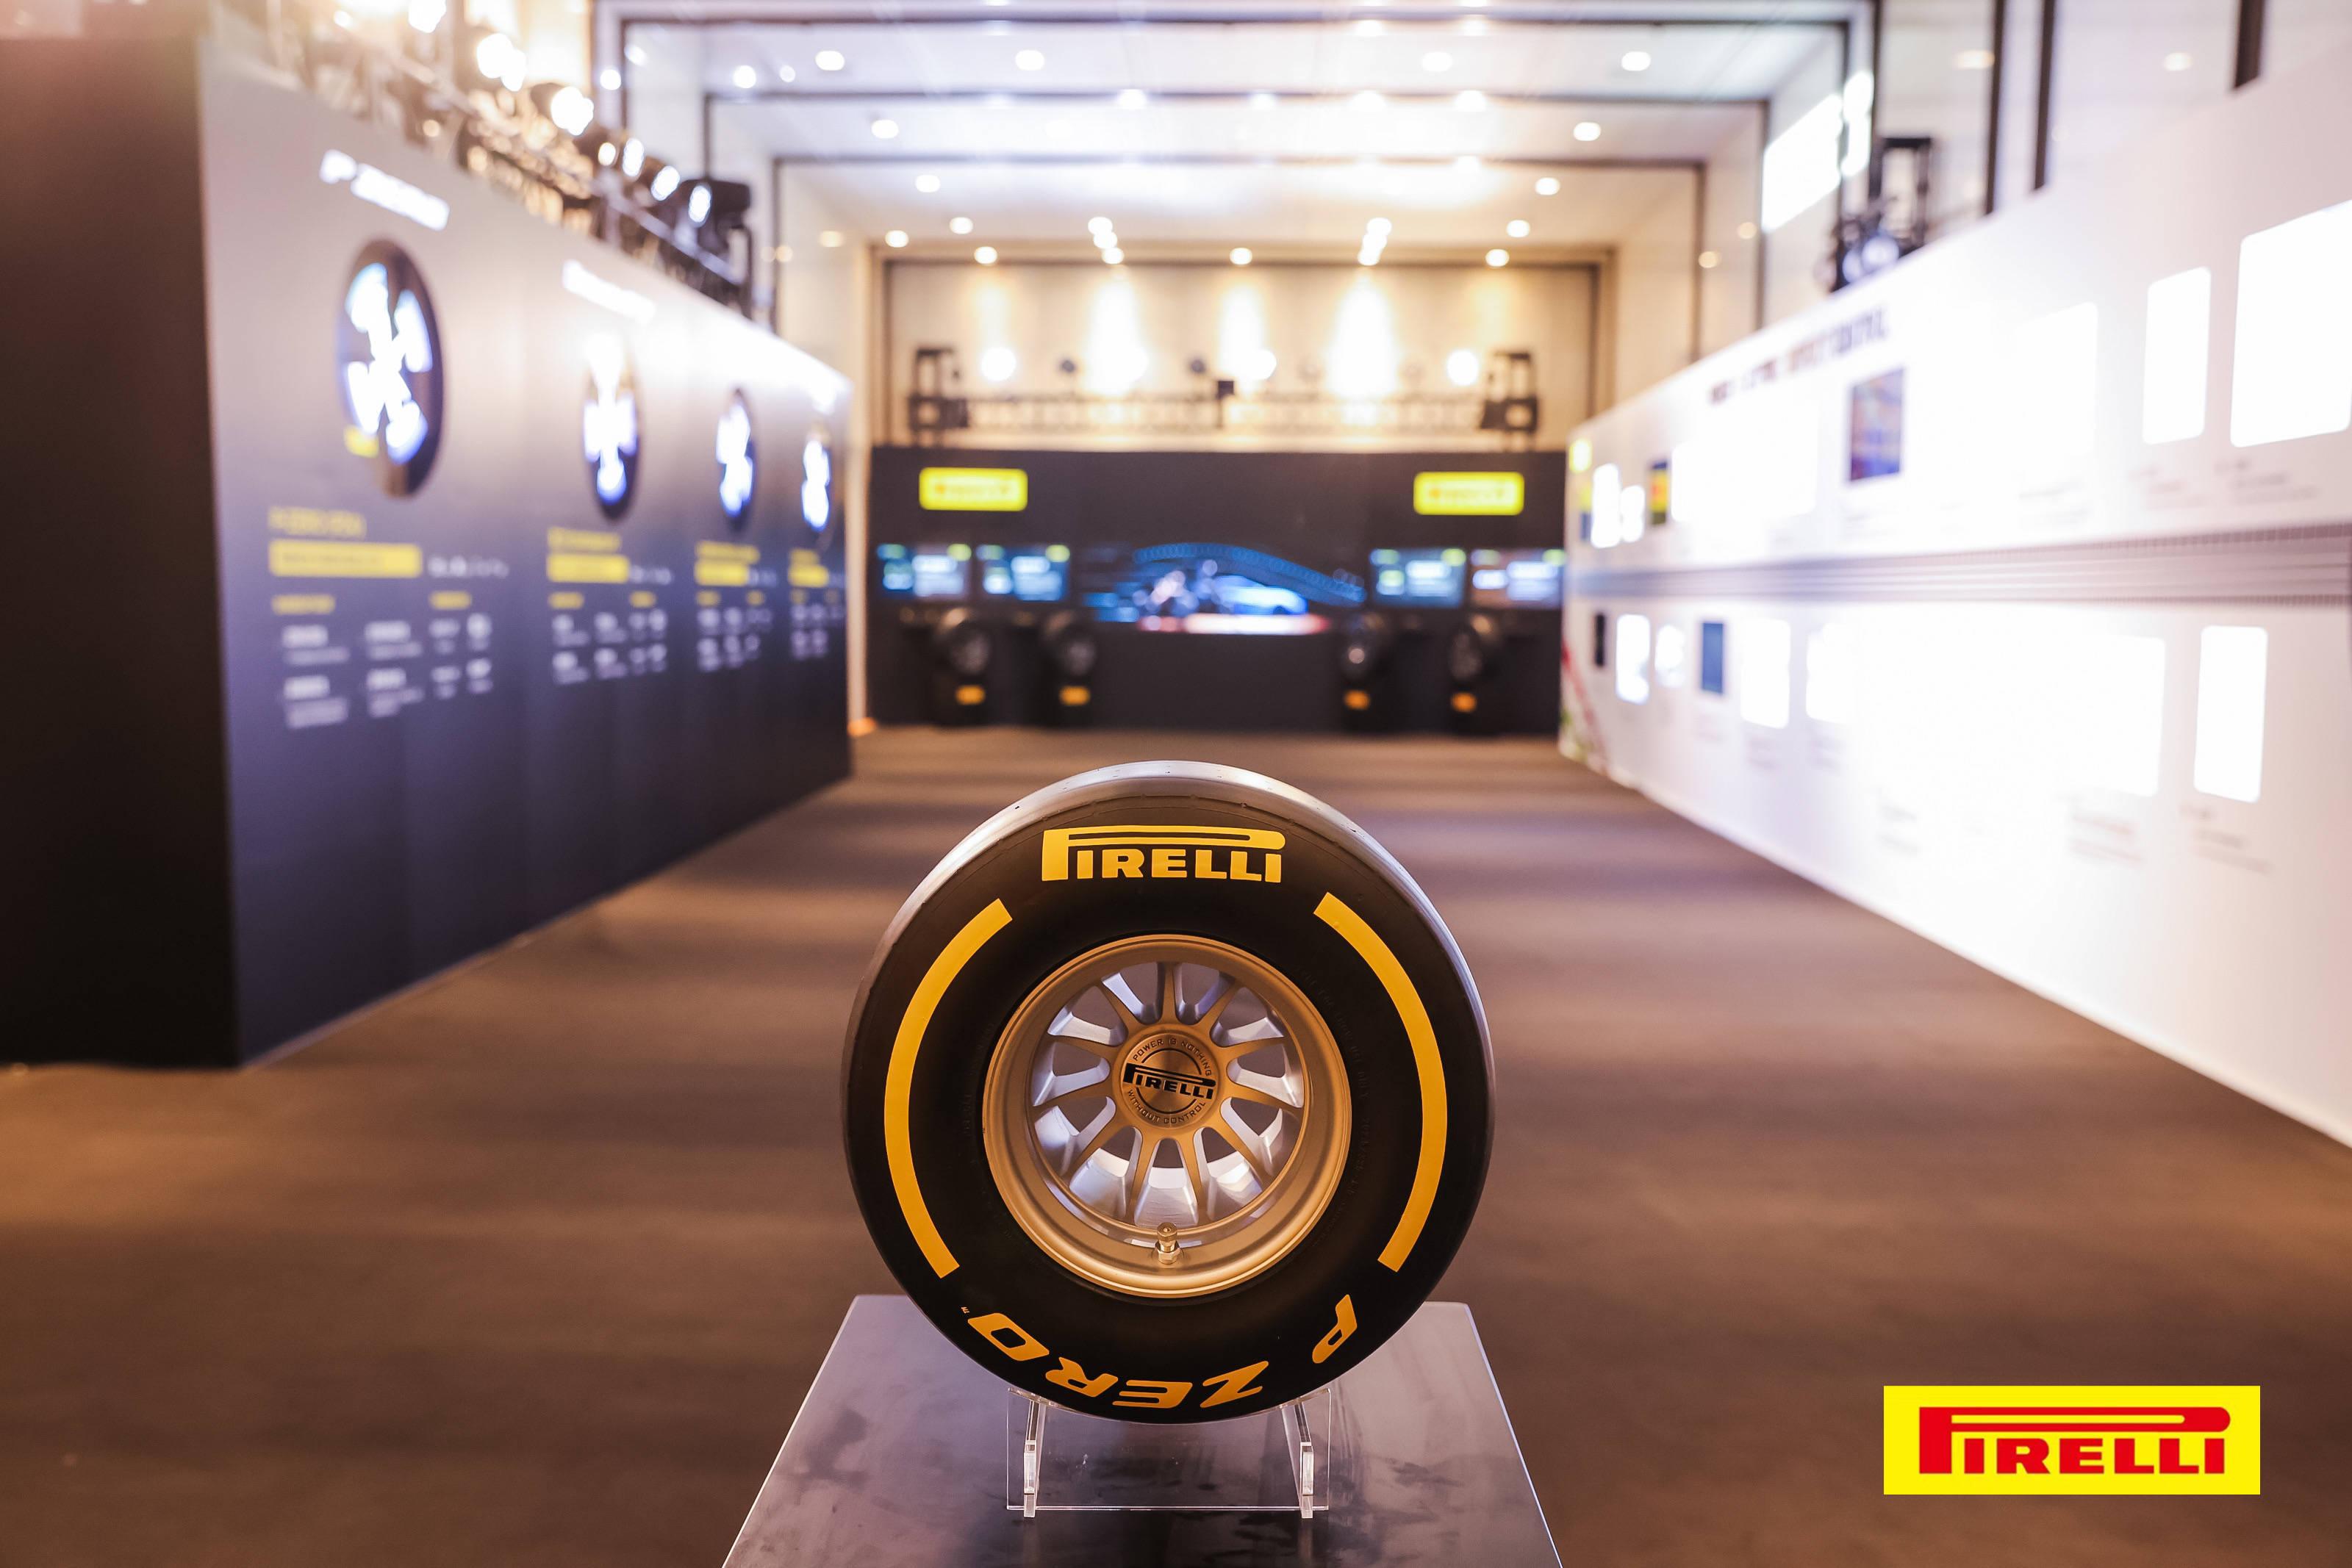 F1轮胎独家赞助商倍耐力:持续加大在华投资 当前原配合作中超30%为新能源项目